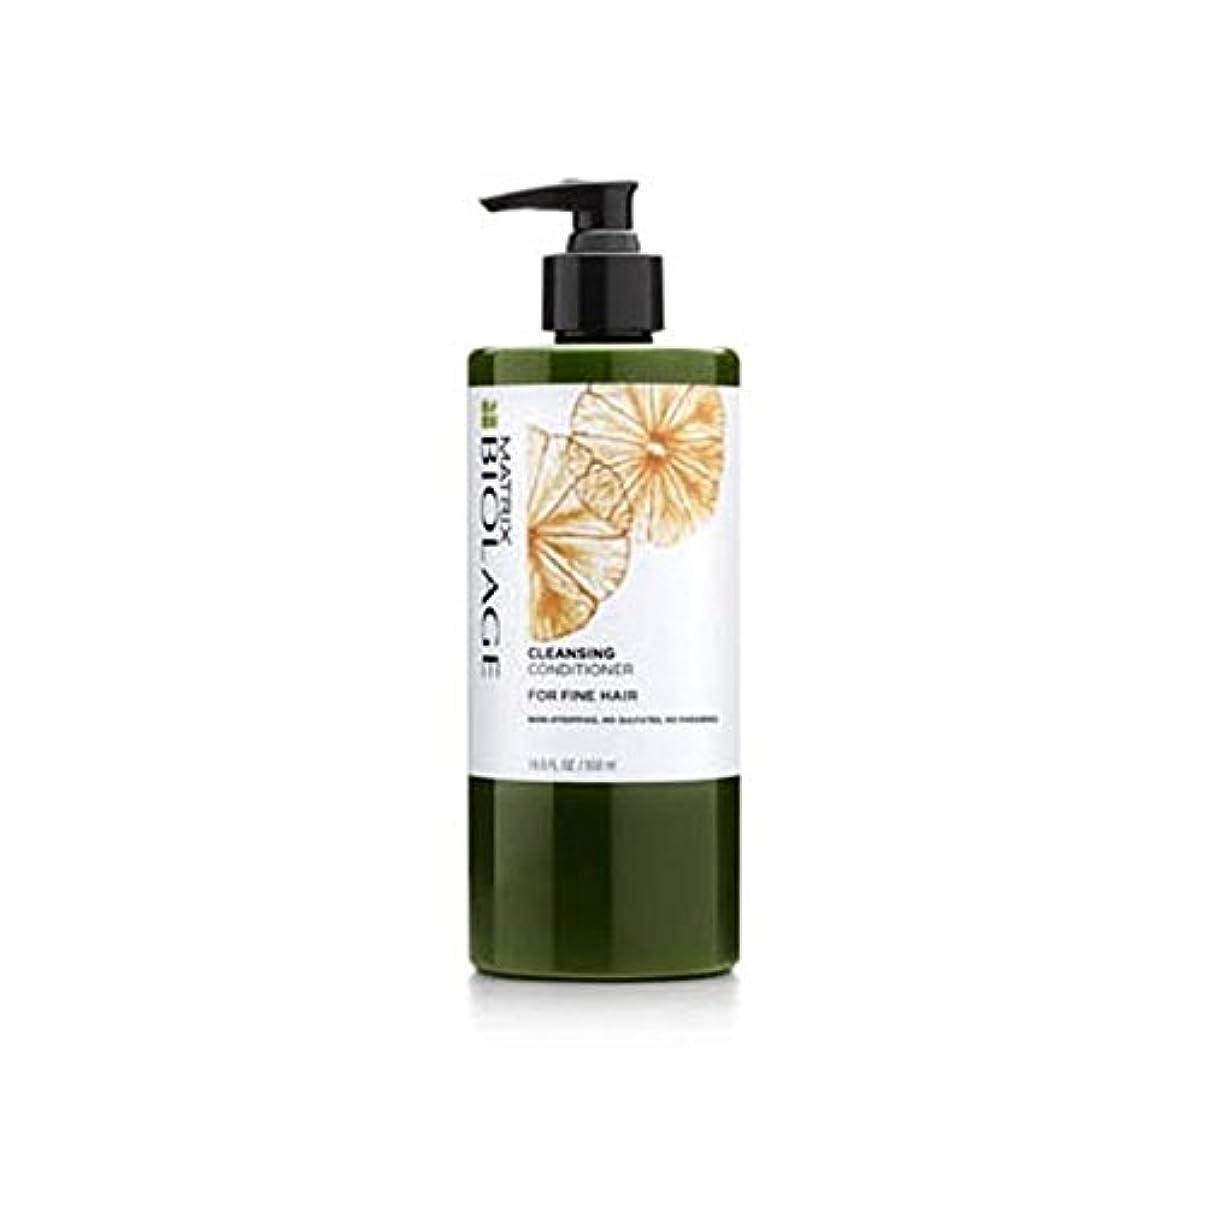 敏感なオセアニアコーナーMatrix Biolage Cleansing Conditioner - Fine Hair (500ml) (Pack of 6) - マトリックスバイオレイジクレンジングコンディショナー - 細い髪(500ミリリットル) x6 [並行輸入品]